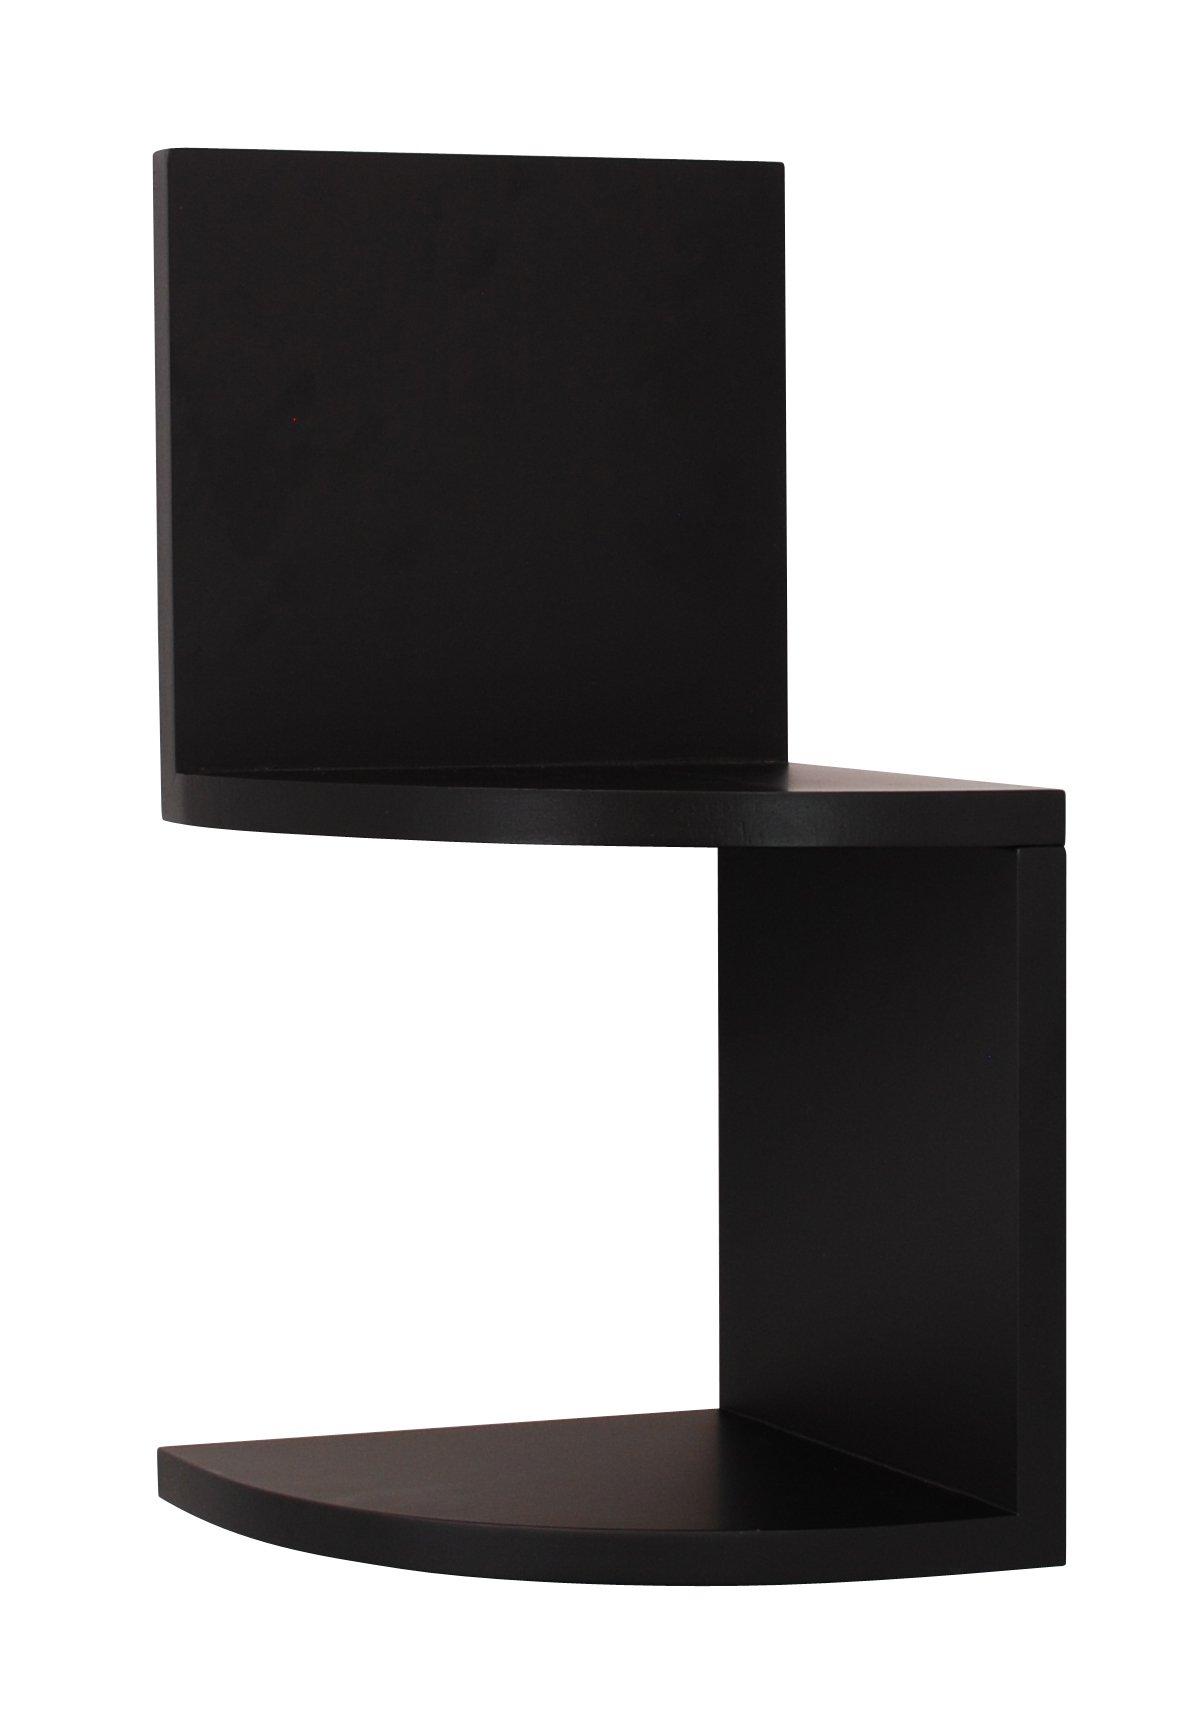 Kiera Grace Priva 2-Tier Corner Shelf, 7.75-Inch by 7.75-Inch Per Tier, Black